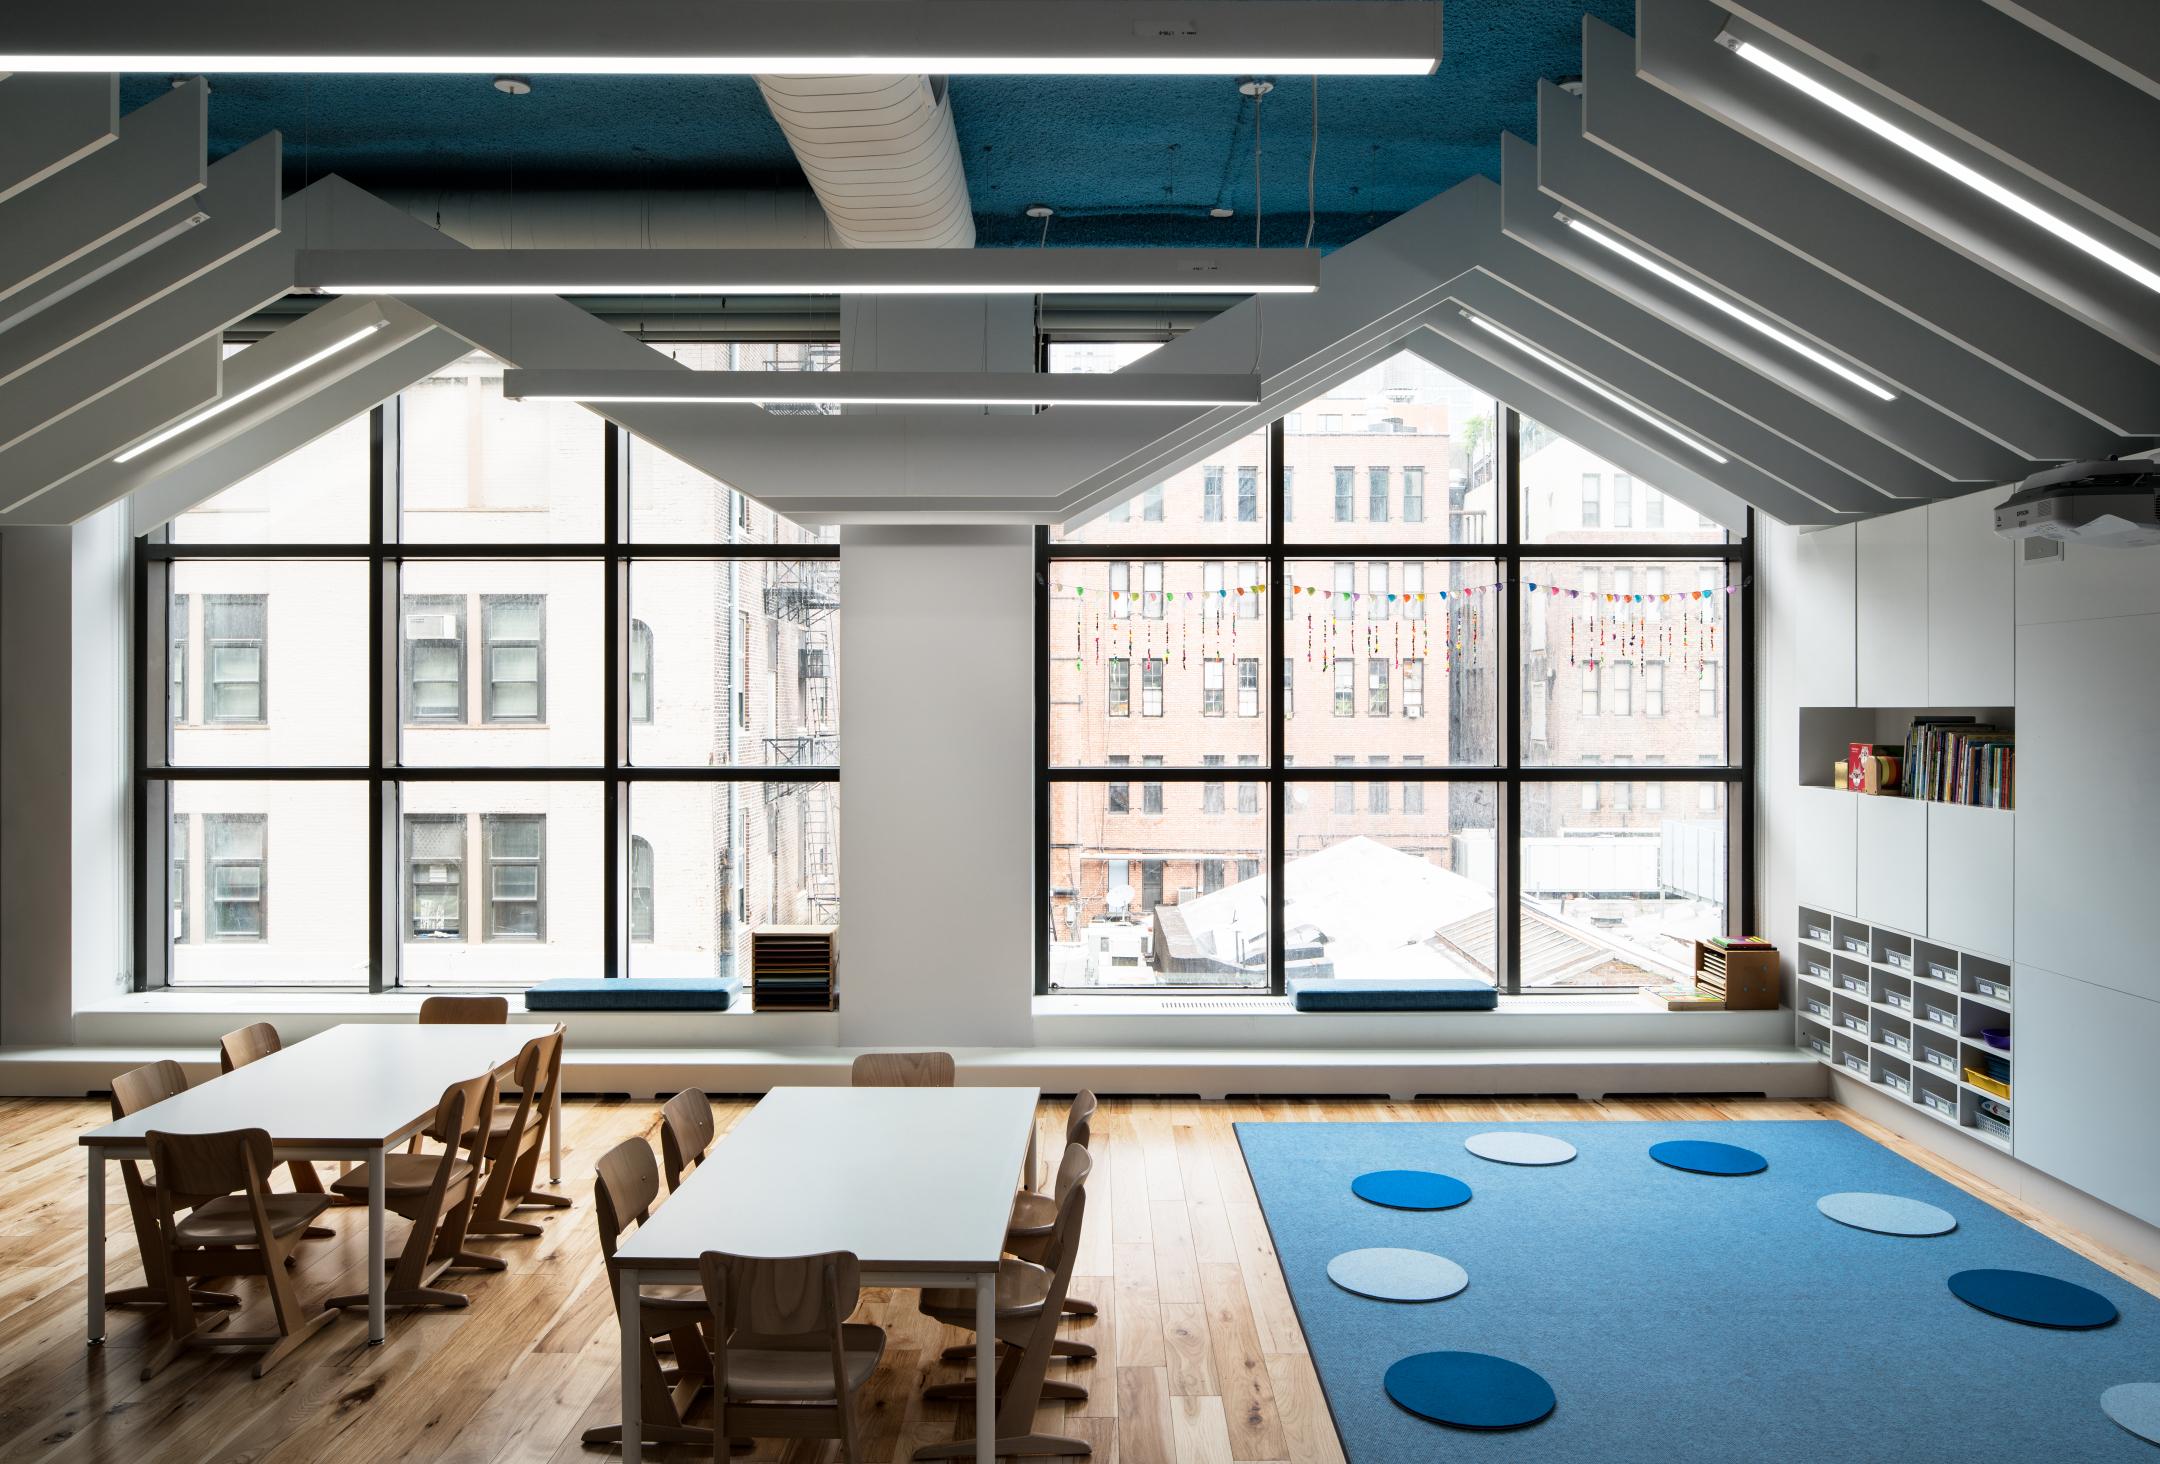 Avenues: New York - ELC Classroom